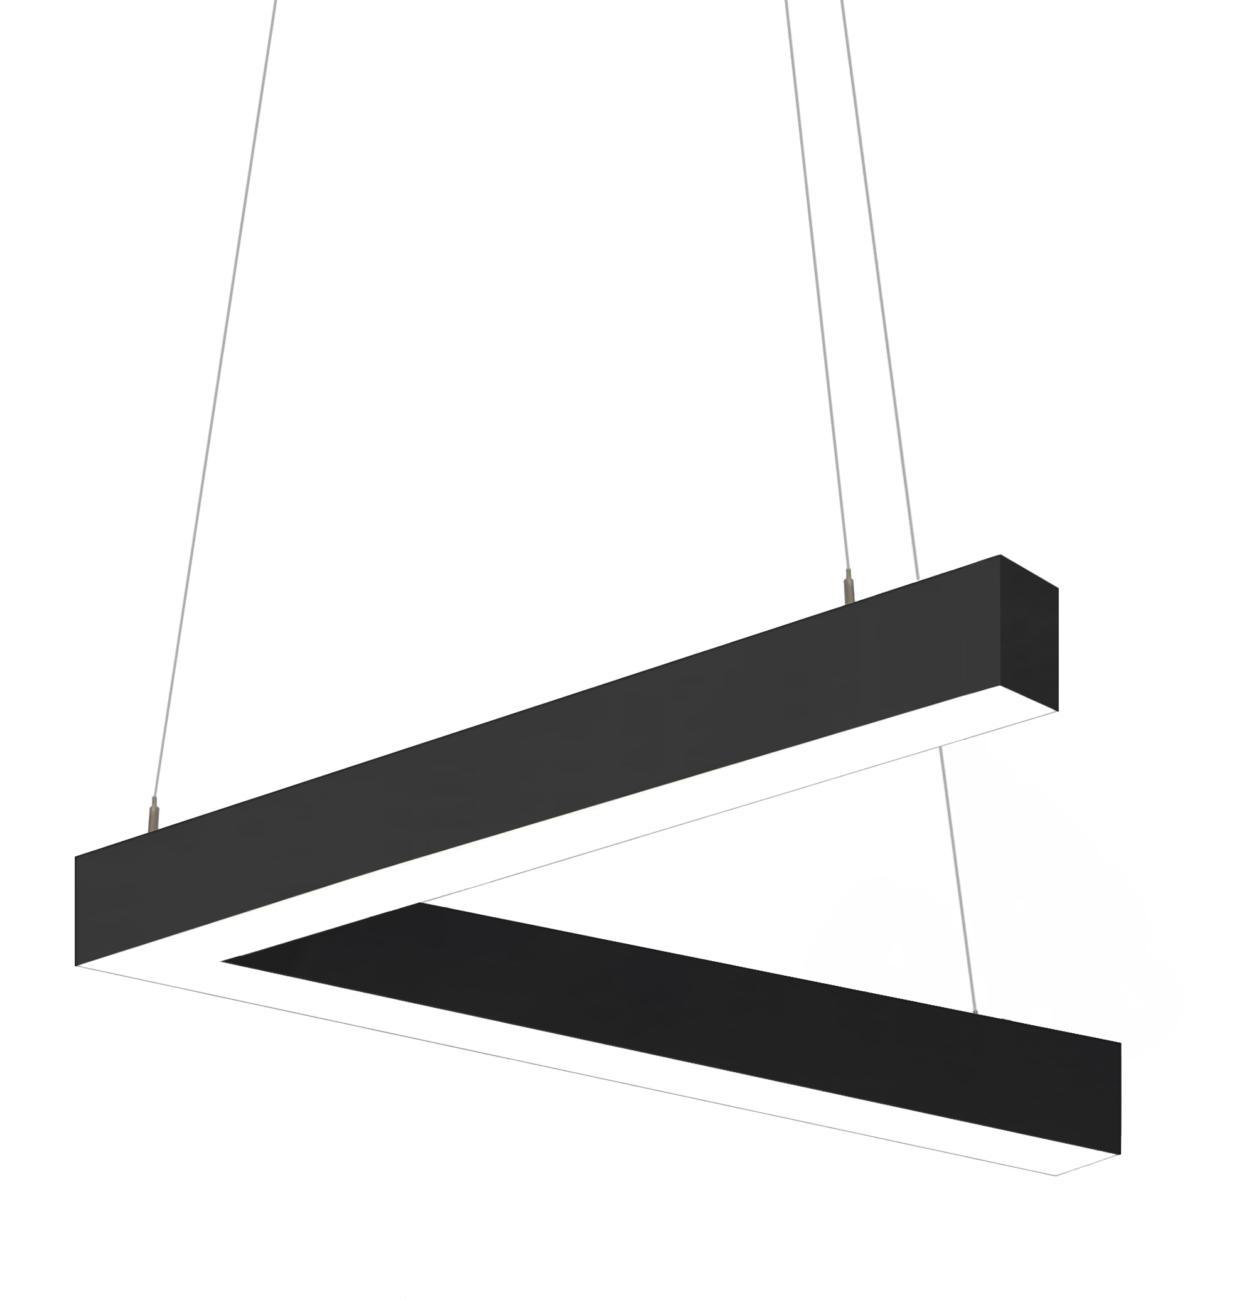 Светильник Style-5070. 1000×1250мм. 4000К/3000К. 38W/81W купить в Санкт-Петербурге